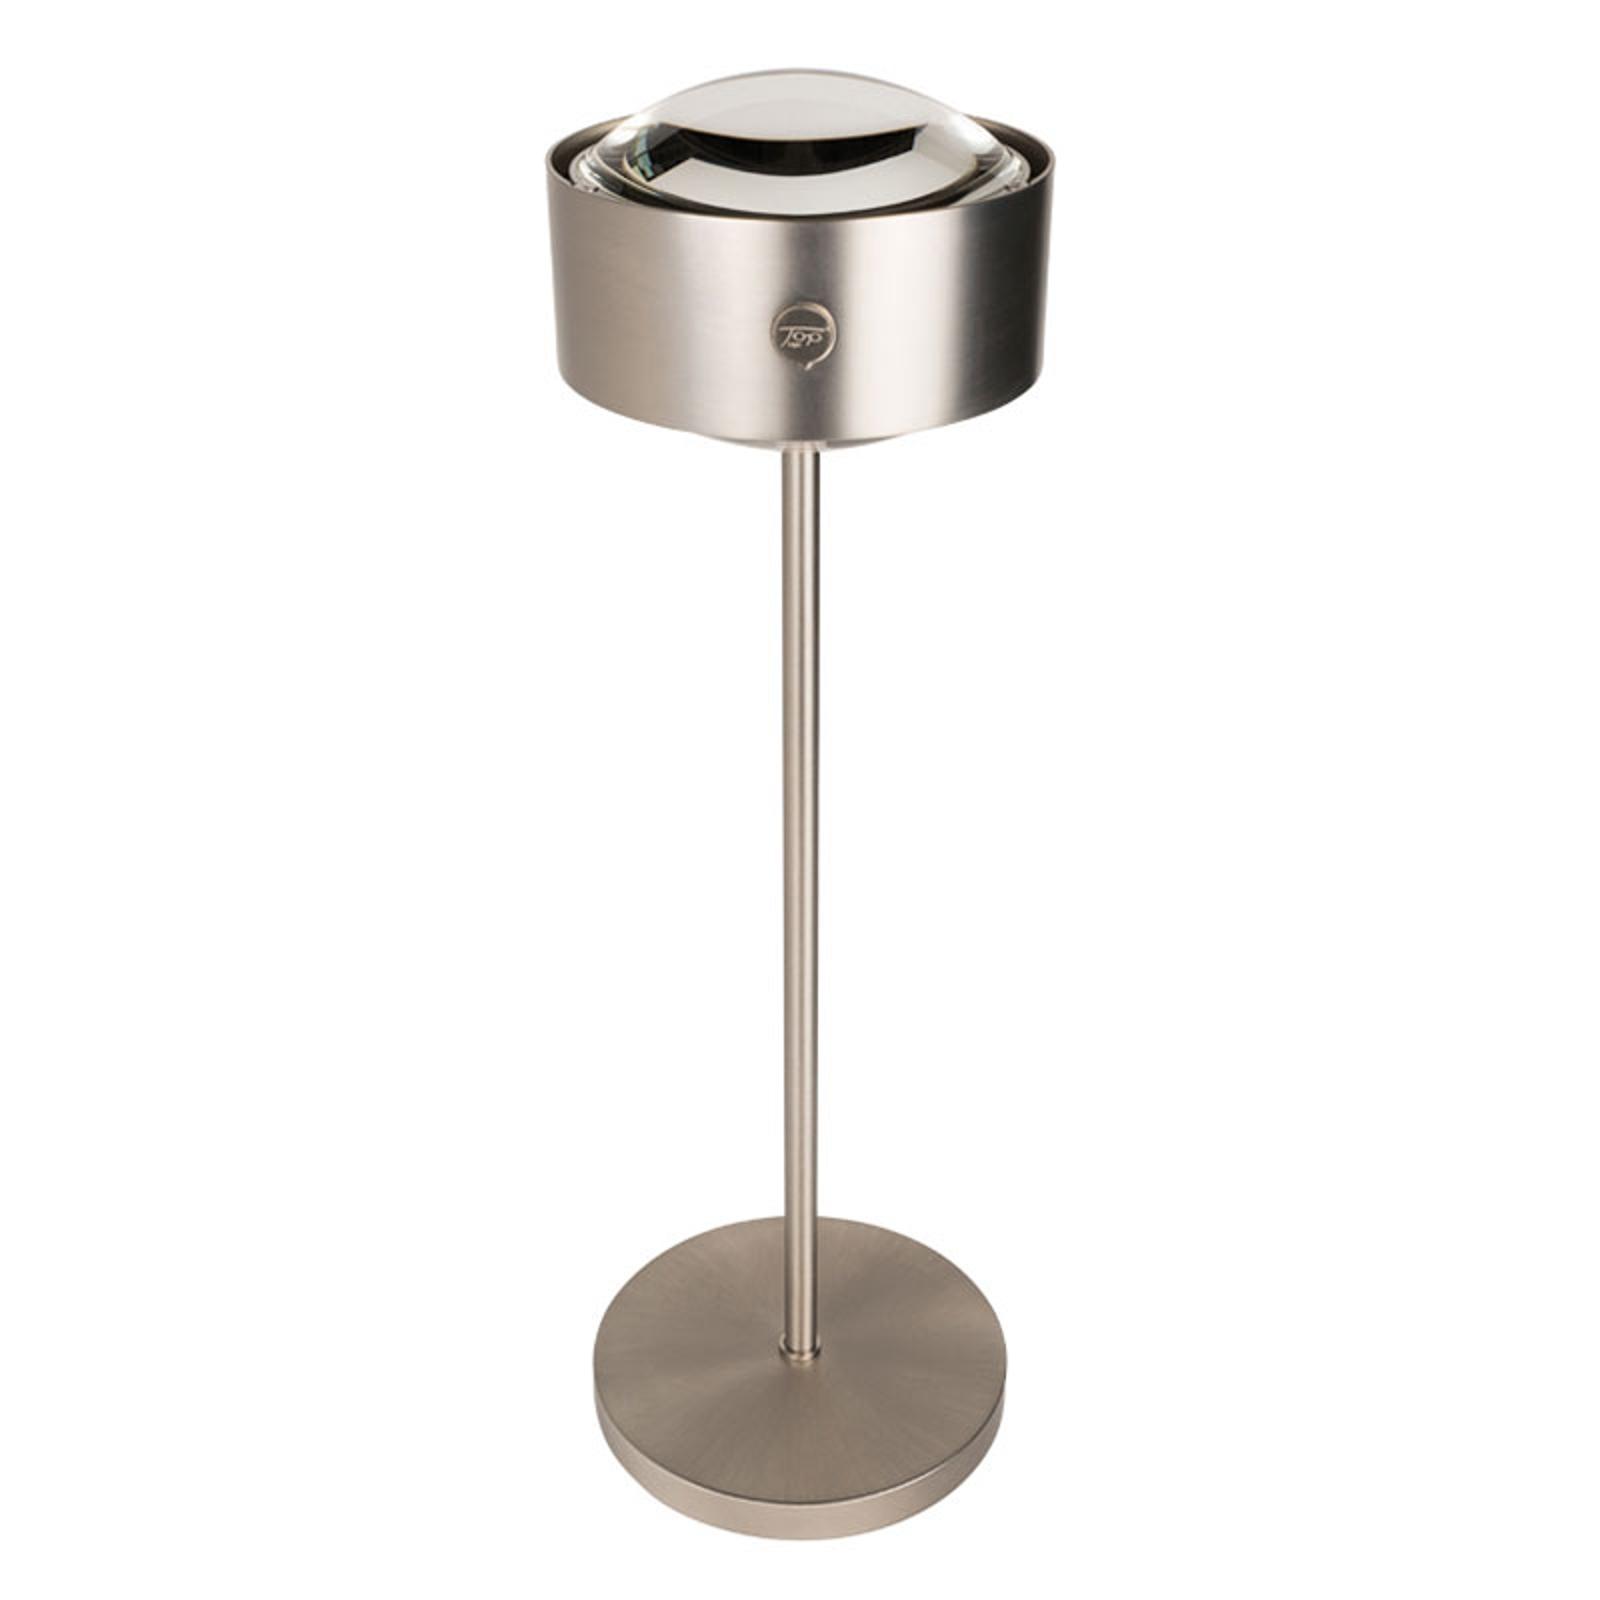 LED-Tischlampe Puk Meg Maxx Eye Table 37cm nickel